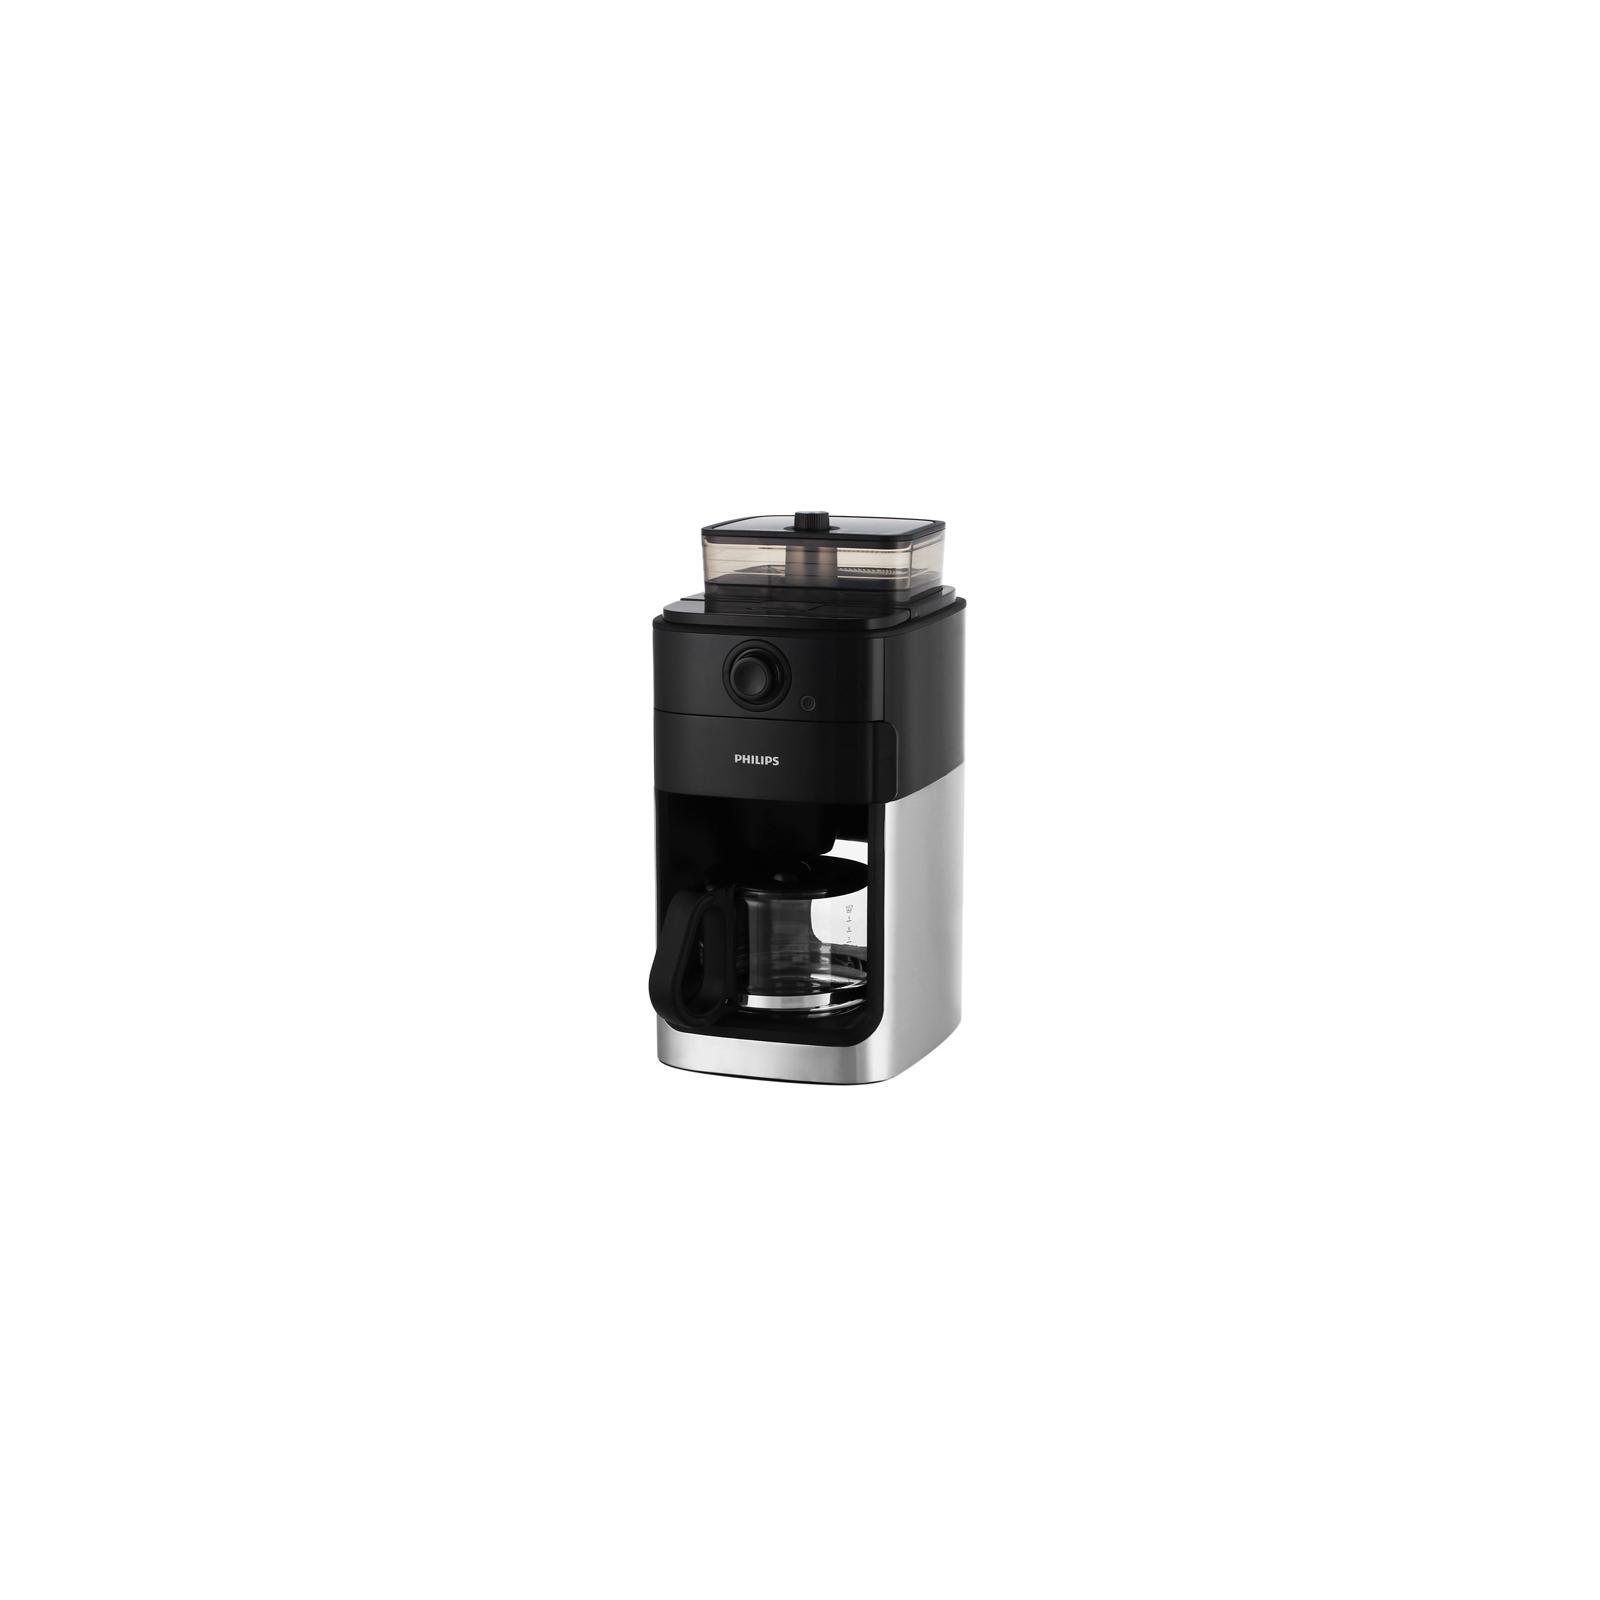 Кофеварка PHILIPS HD7761/00 изображение 6